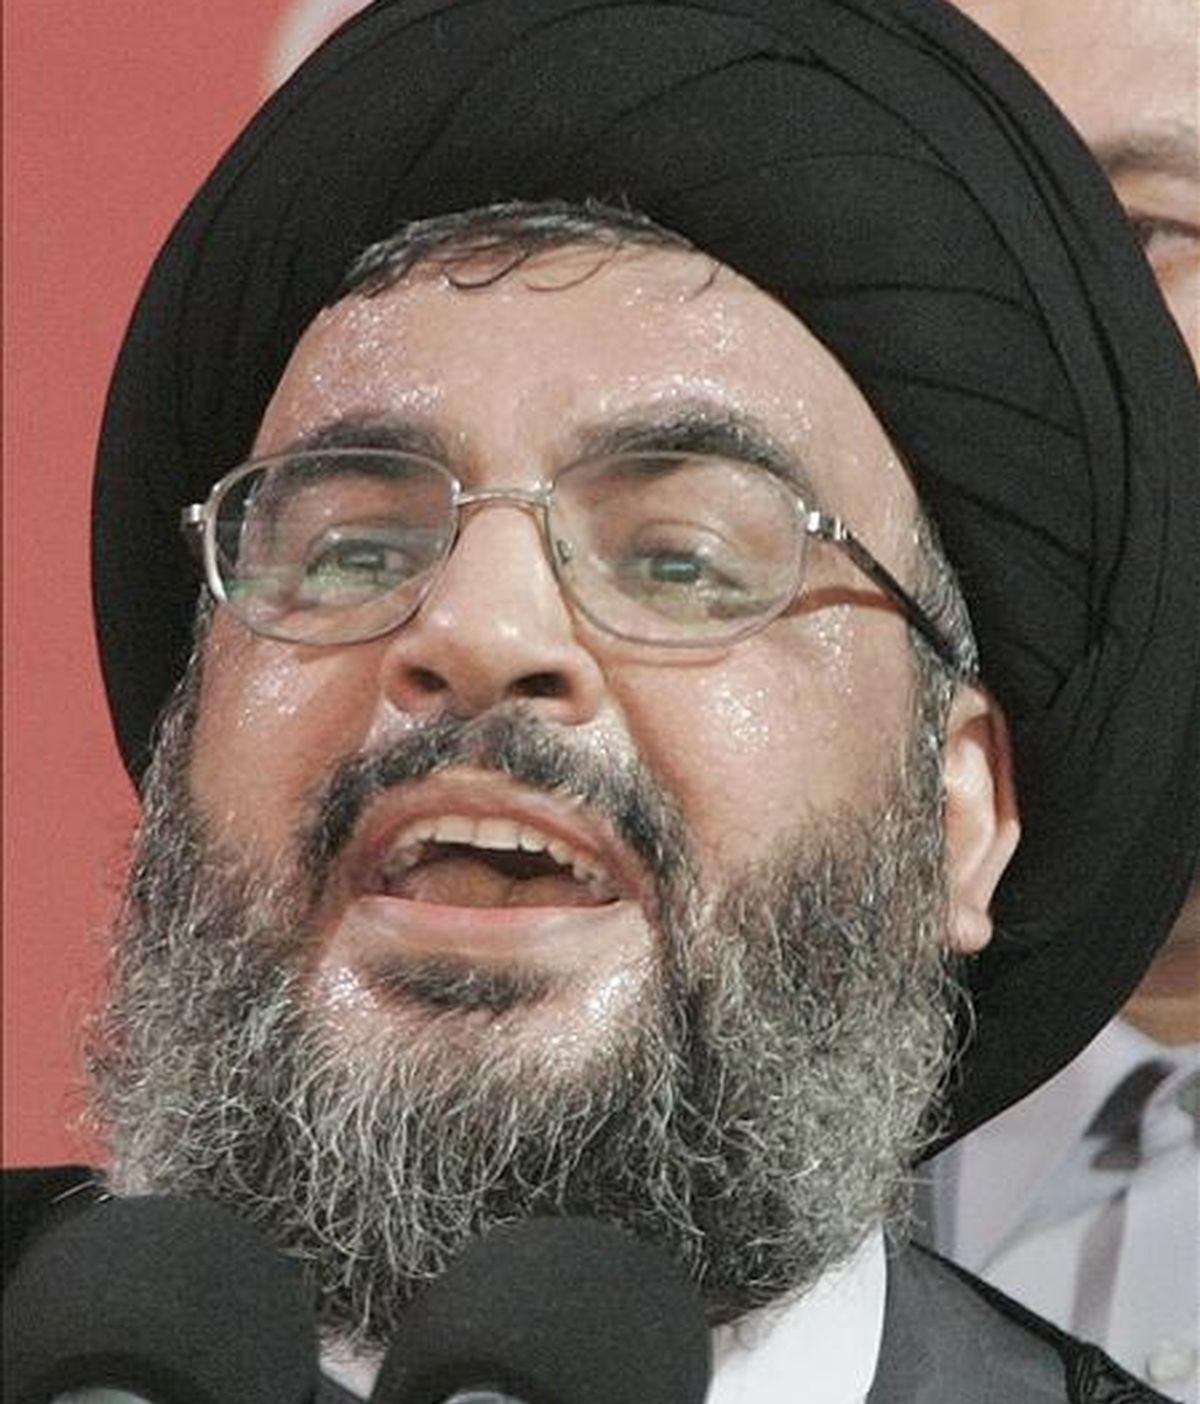 El máximo dirigente de Hizbulá, Hasan Nasralá. EFE/Archivo